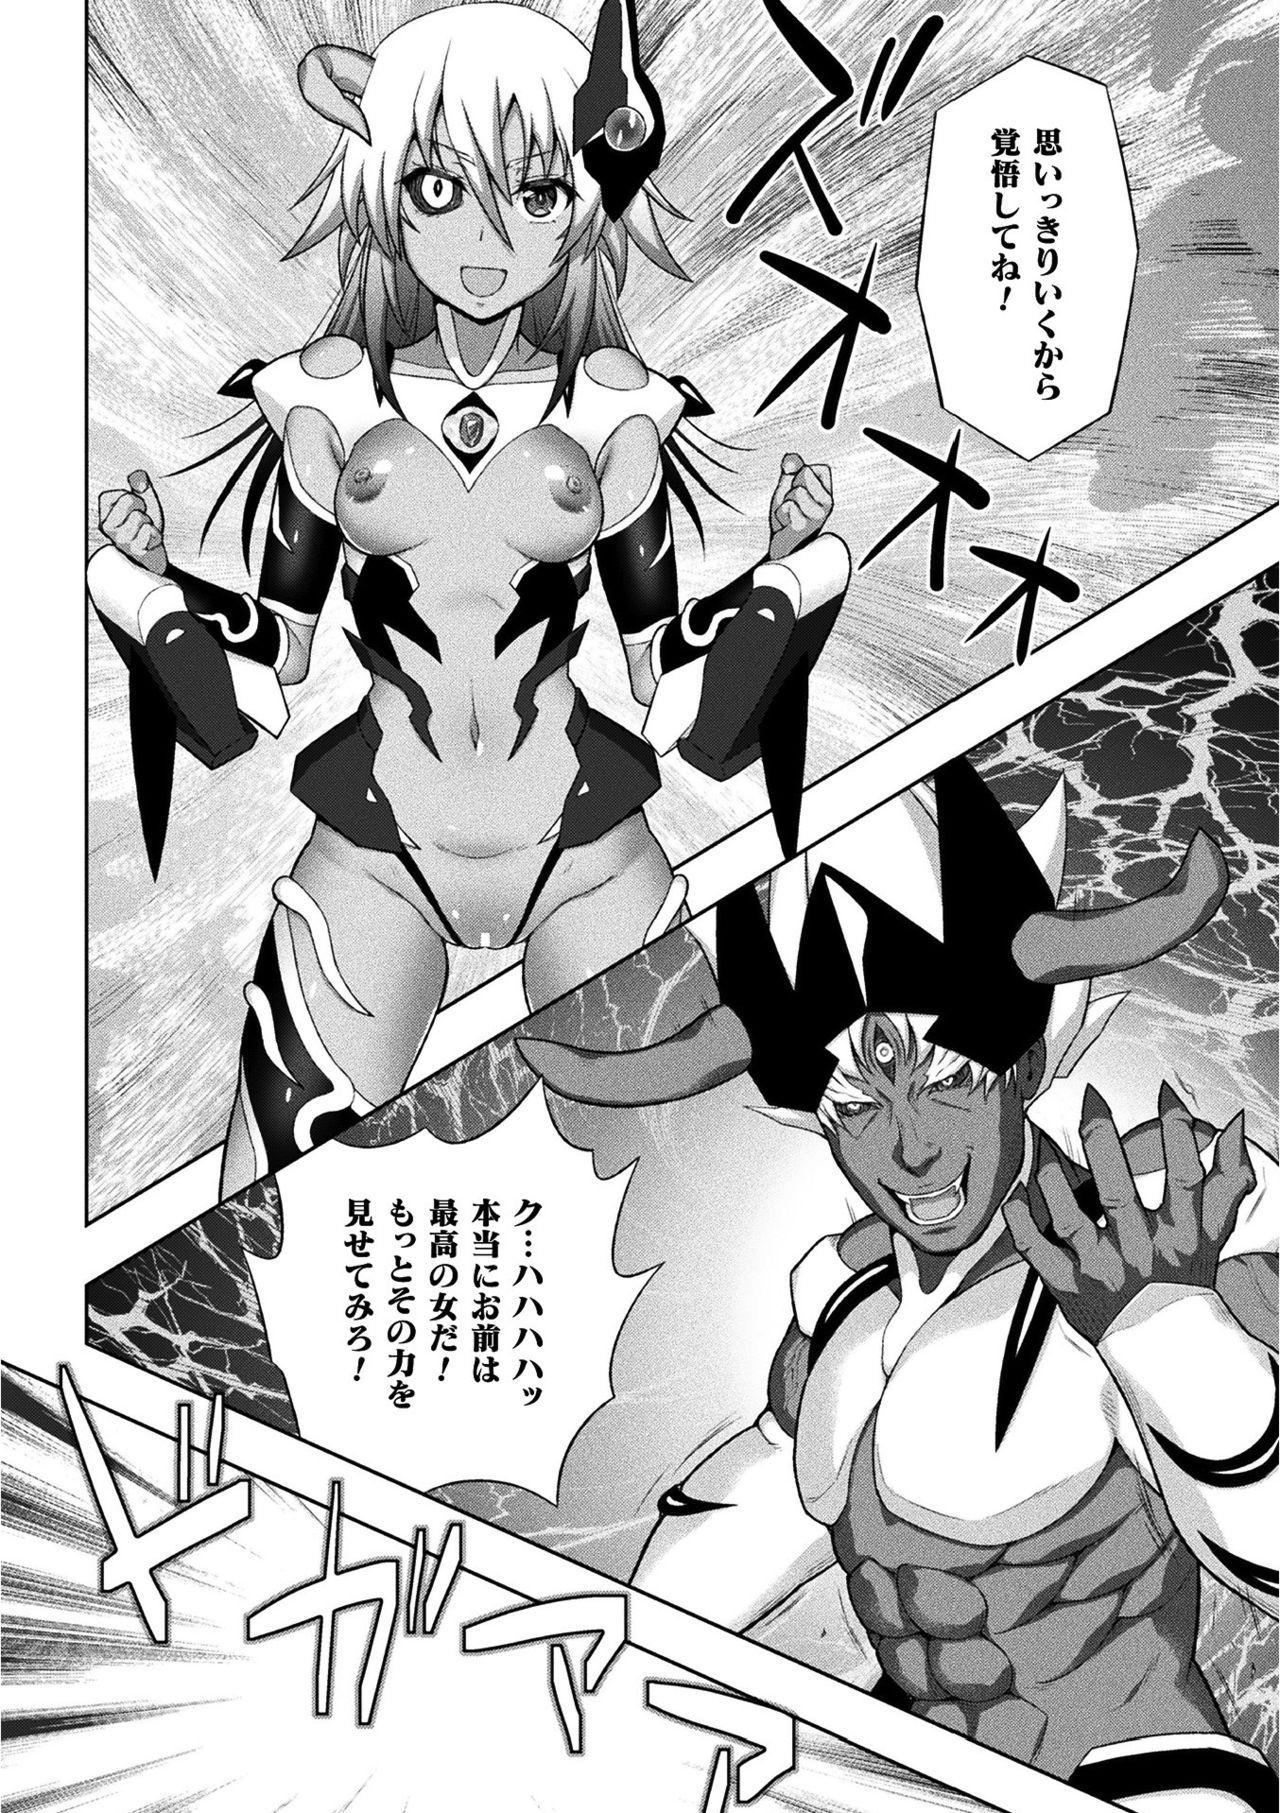 Kukkoro Heroines Vol. 12 5